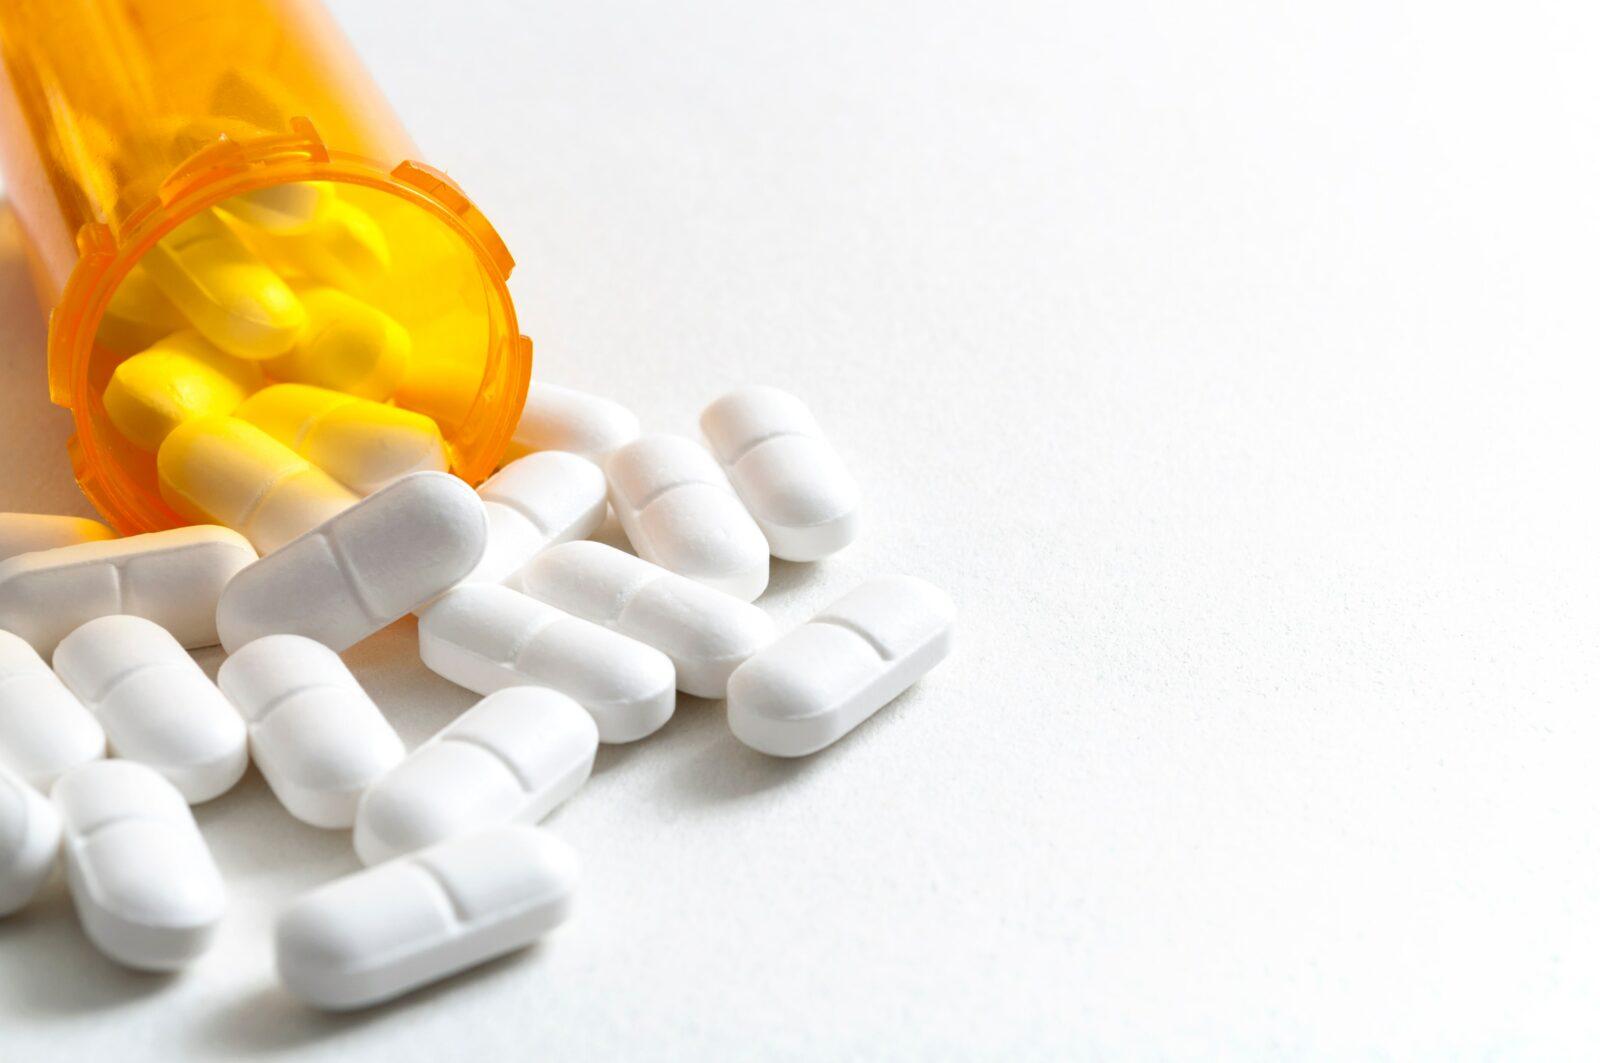 tablets spilling out of prescription bottle